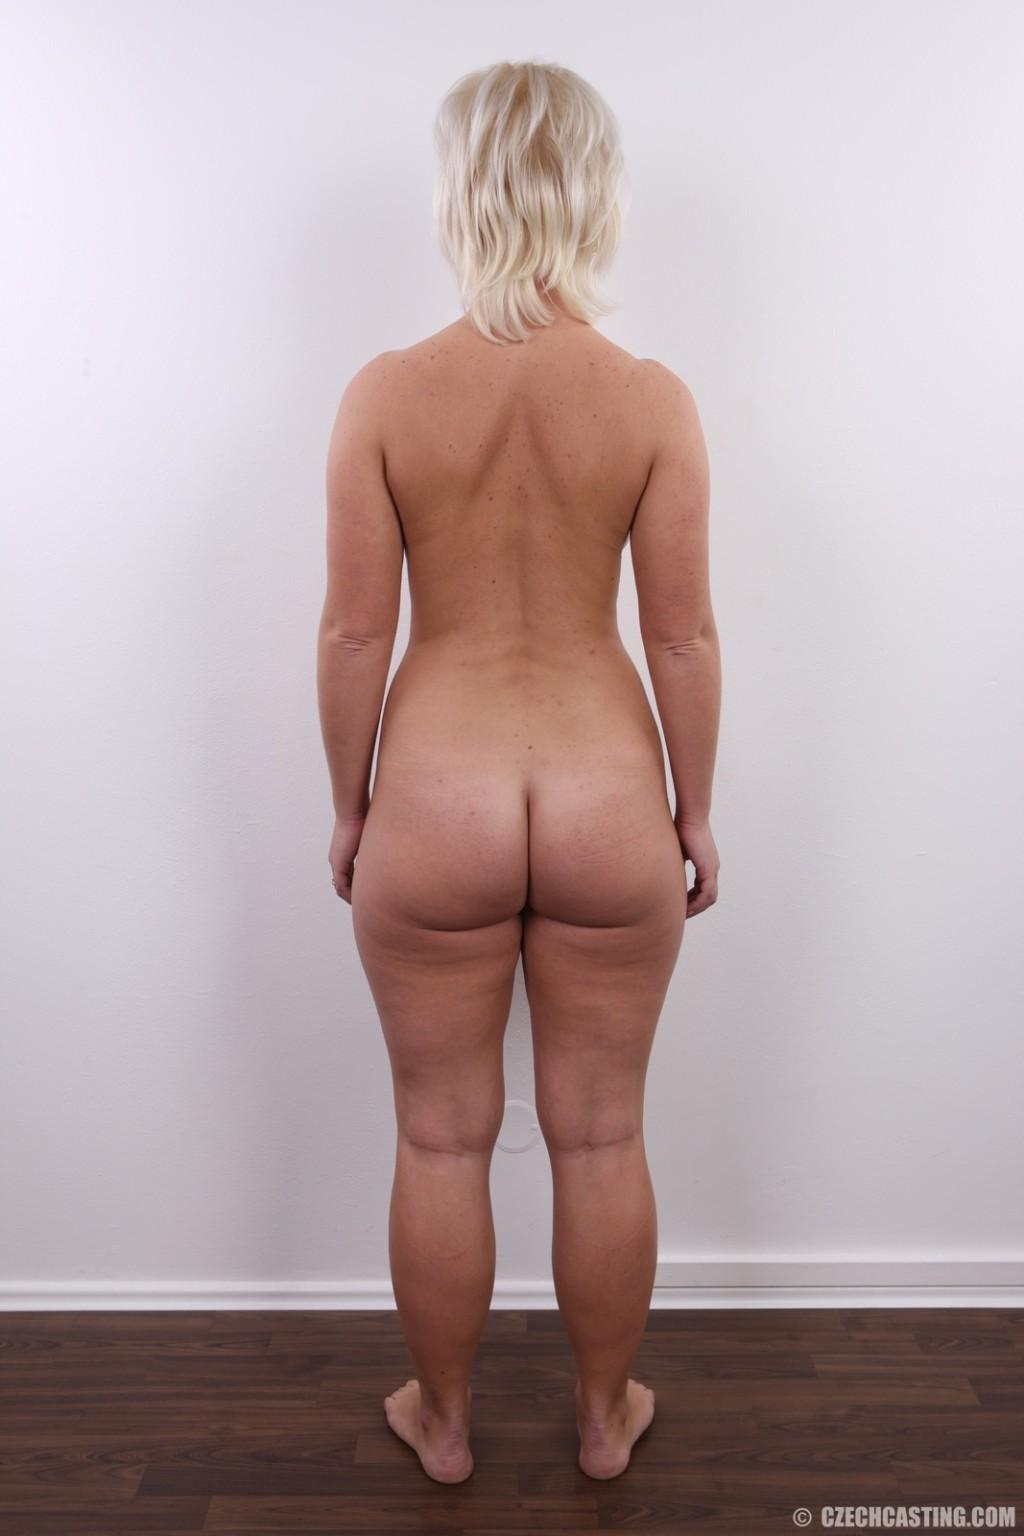 У коротко стриженой блондинки чувственно торчит клитор и требует к себе внимания